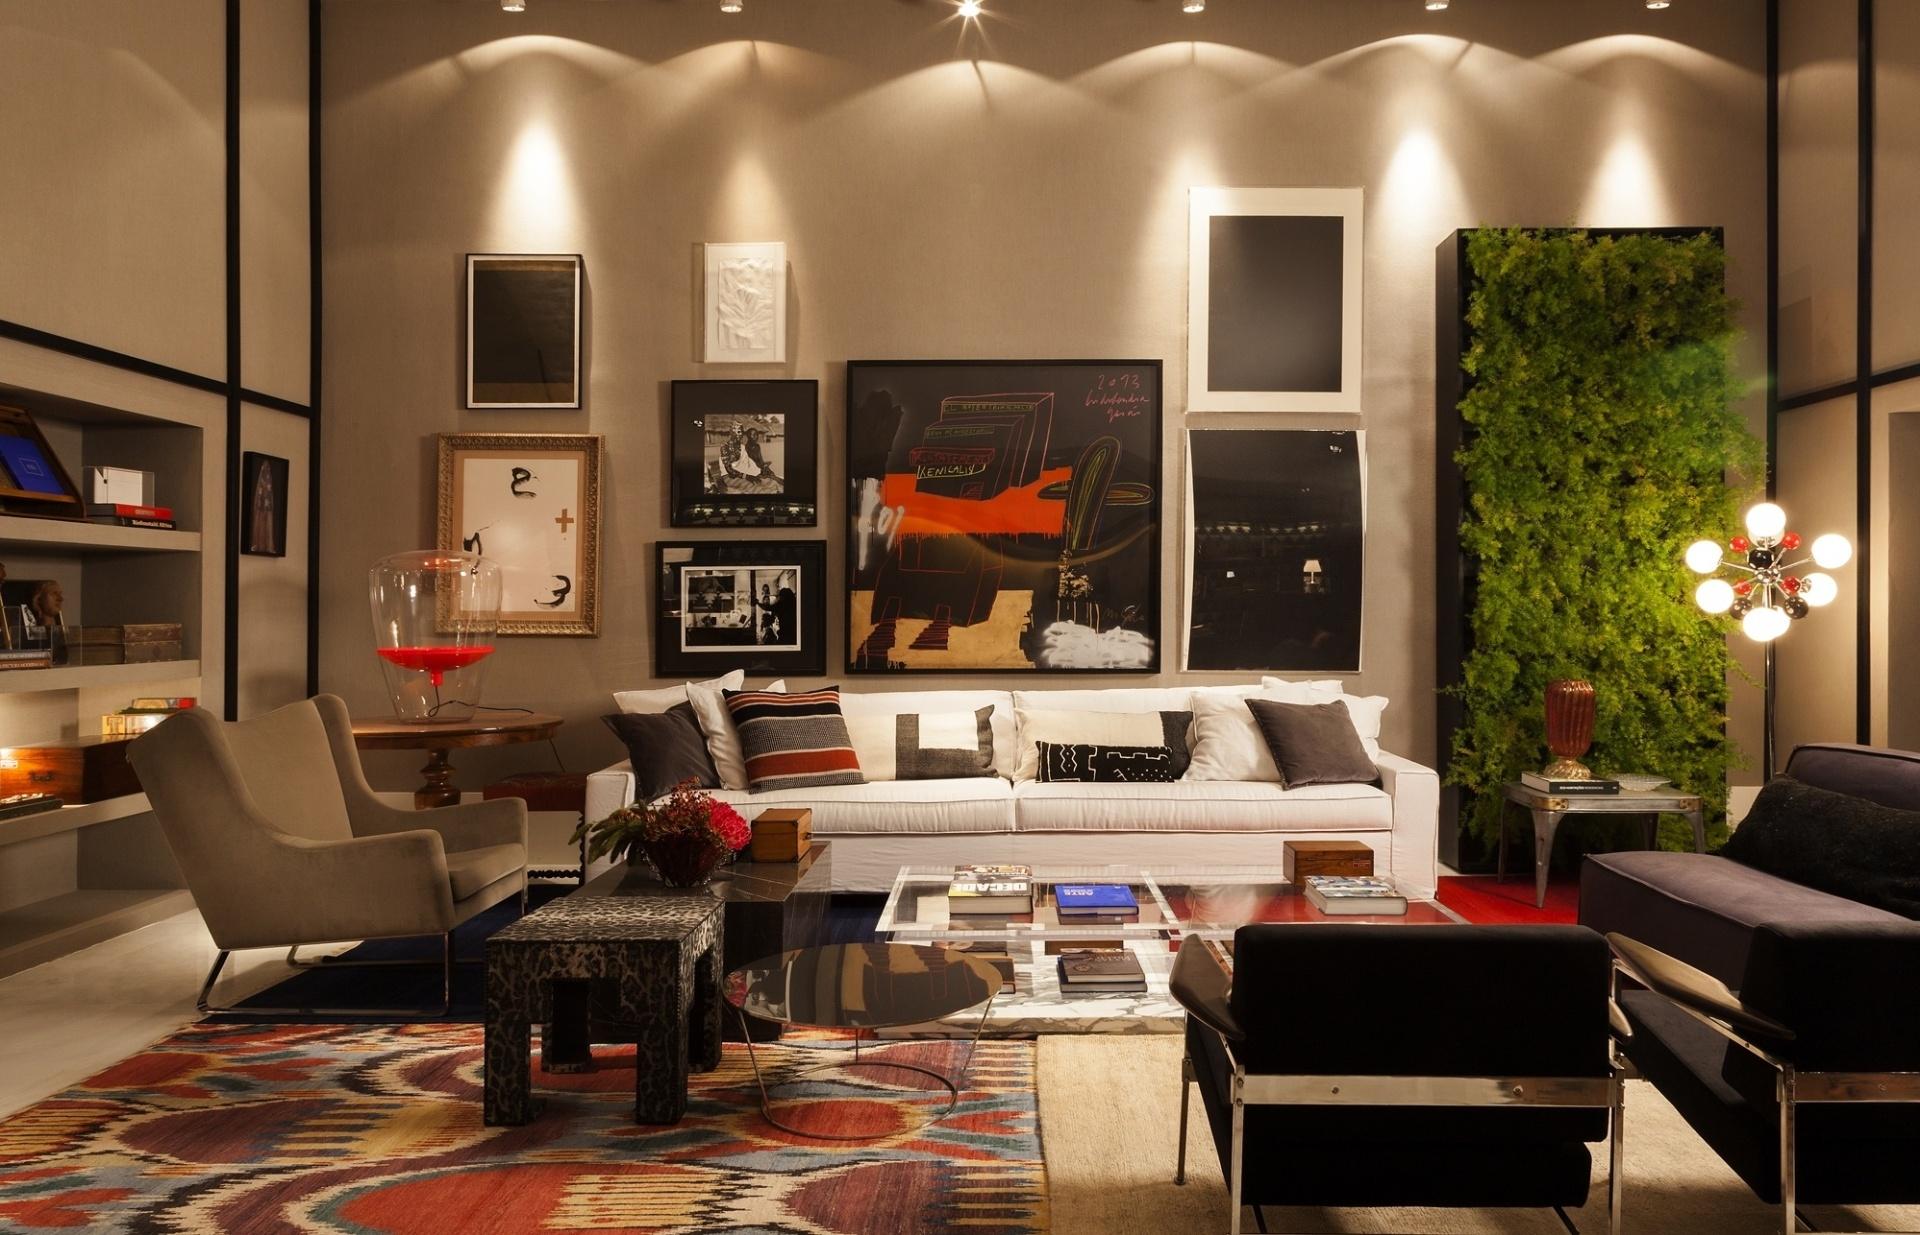 Pela primeira vez na mostra, a designer de interiores Paola Ribeiro assina o living do apartamento. O ambiente tem um jardim vertical e algumas obras de arte, com curadoria de Eduardo Machado do Gabinete D. A 27ª Casa Cor SP segue até dia 21 de julho de 2013, no Jockey Club de São Paulo